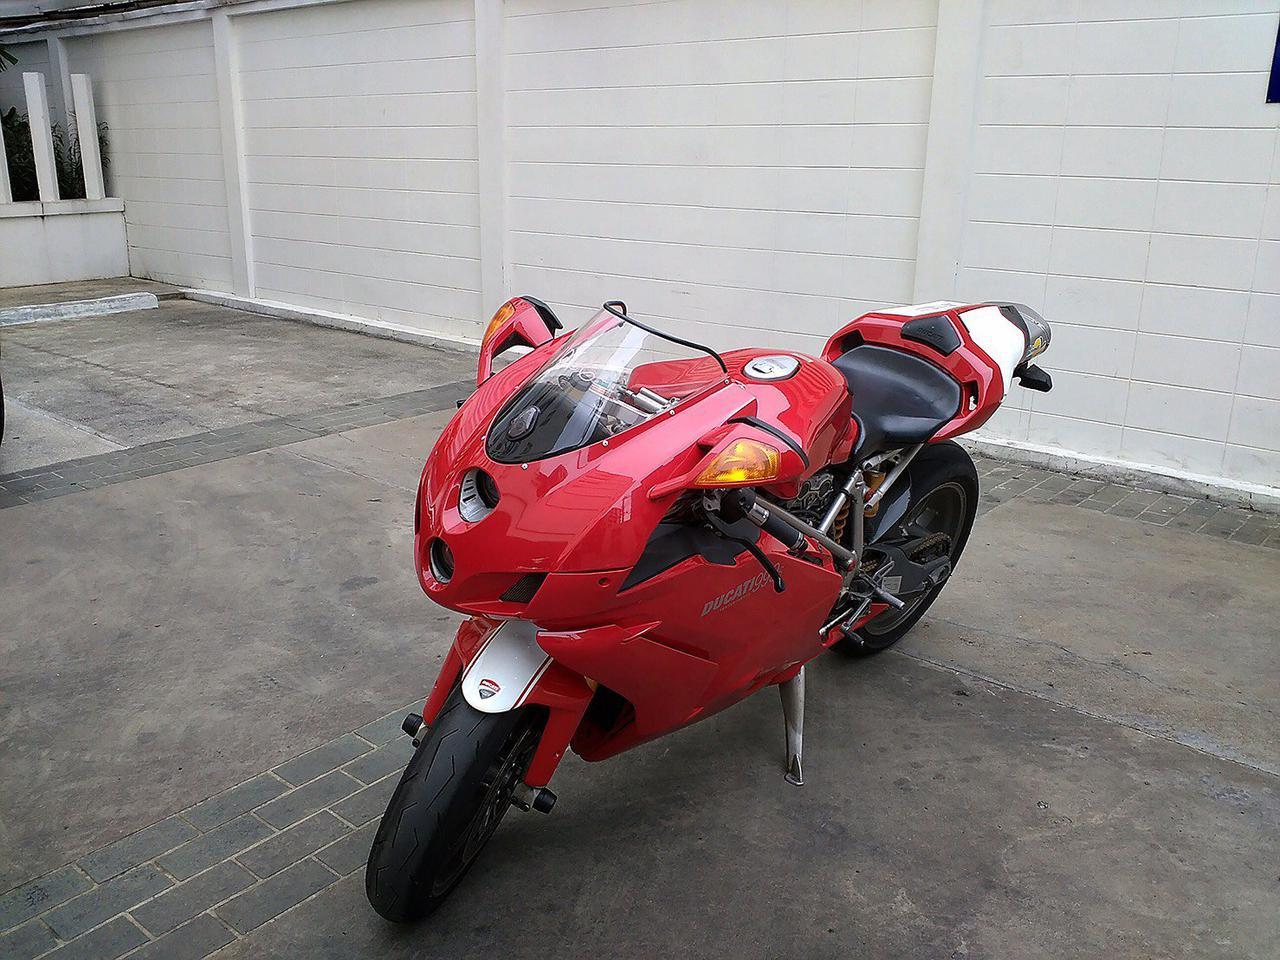 ขายรถมอเตอร์ไซต์  ducati  999s 2005 เขตสาทร กทม. รูปที่ 4